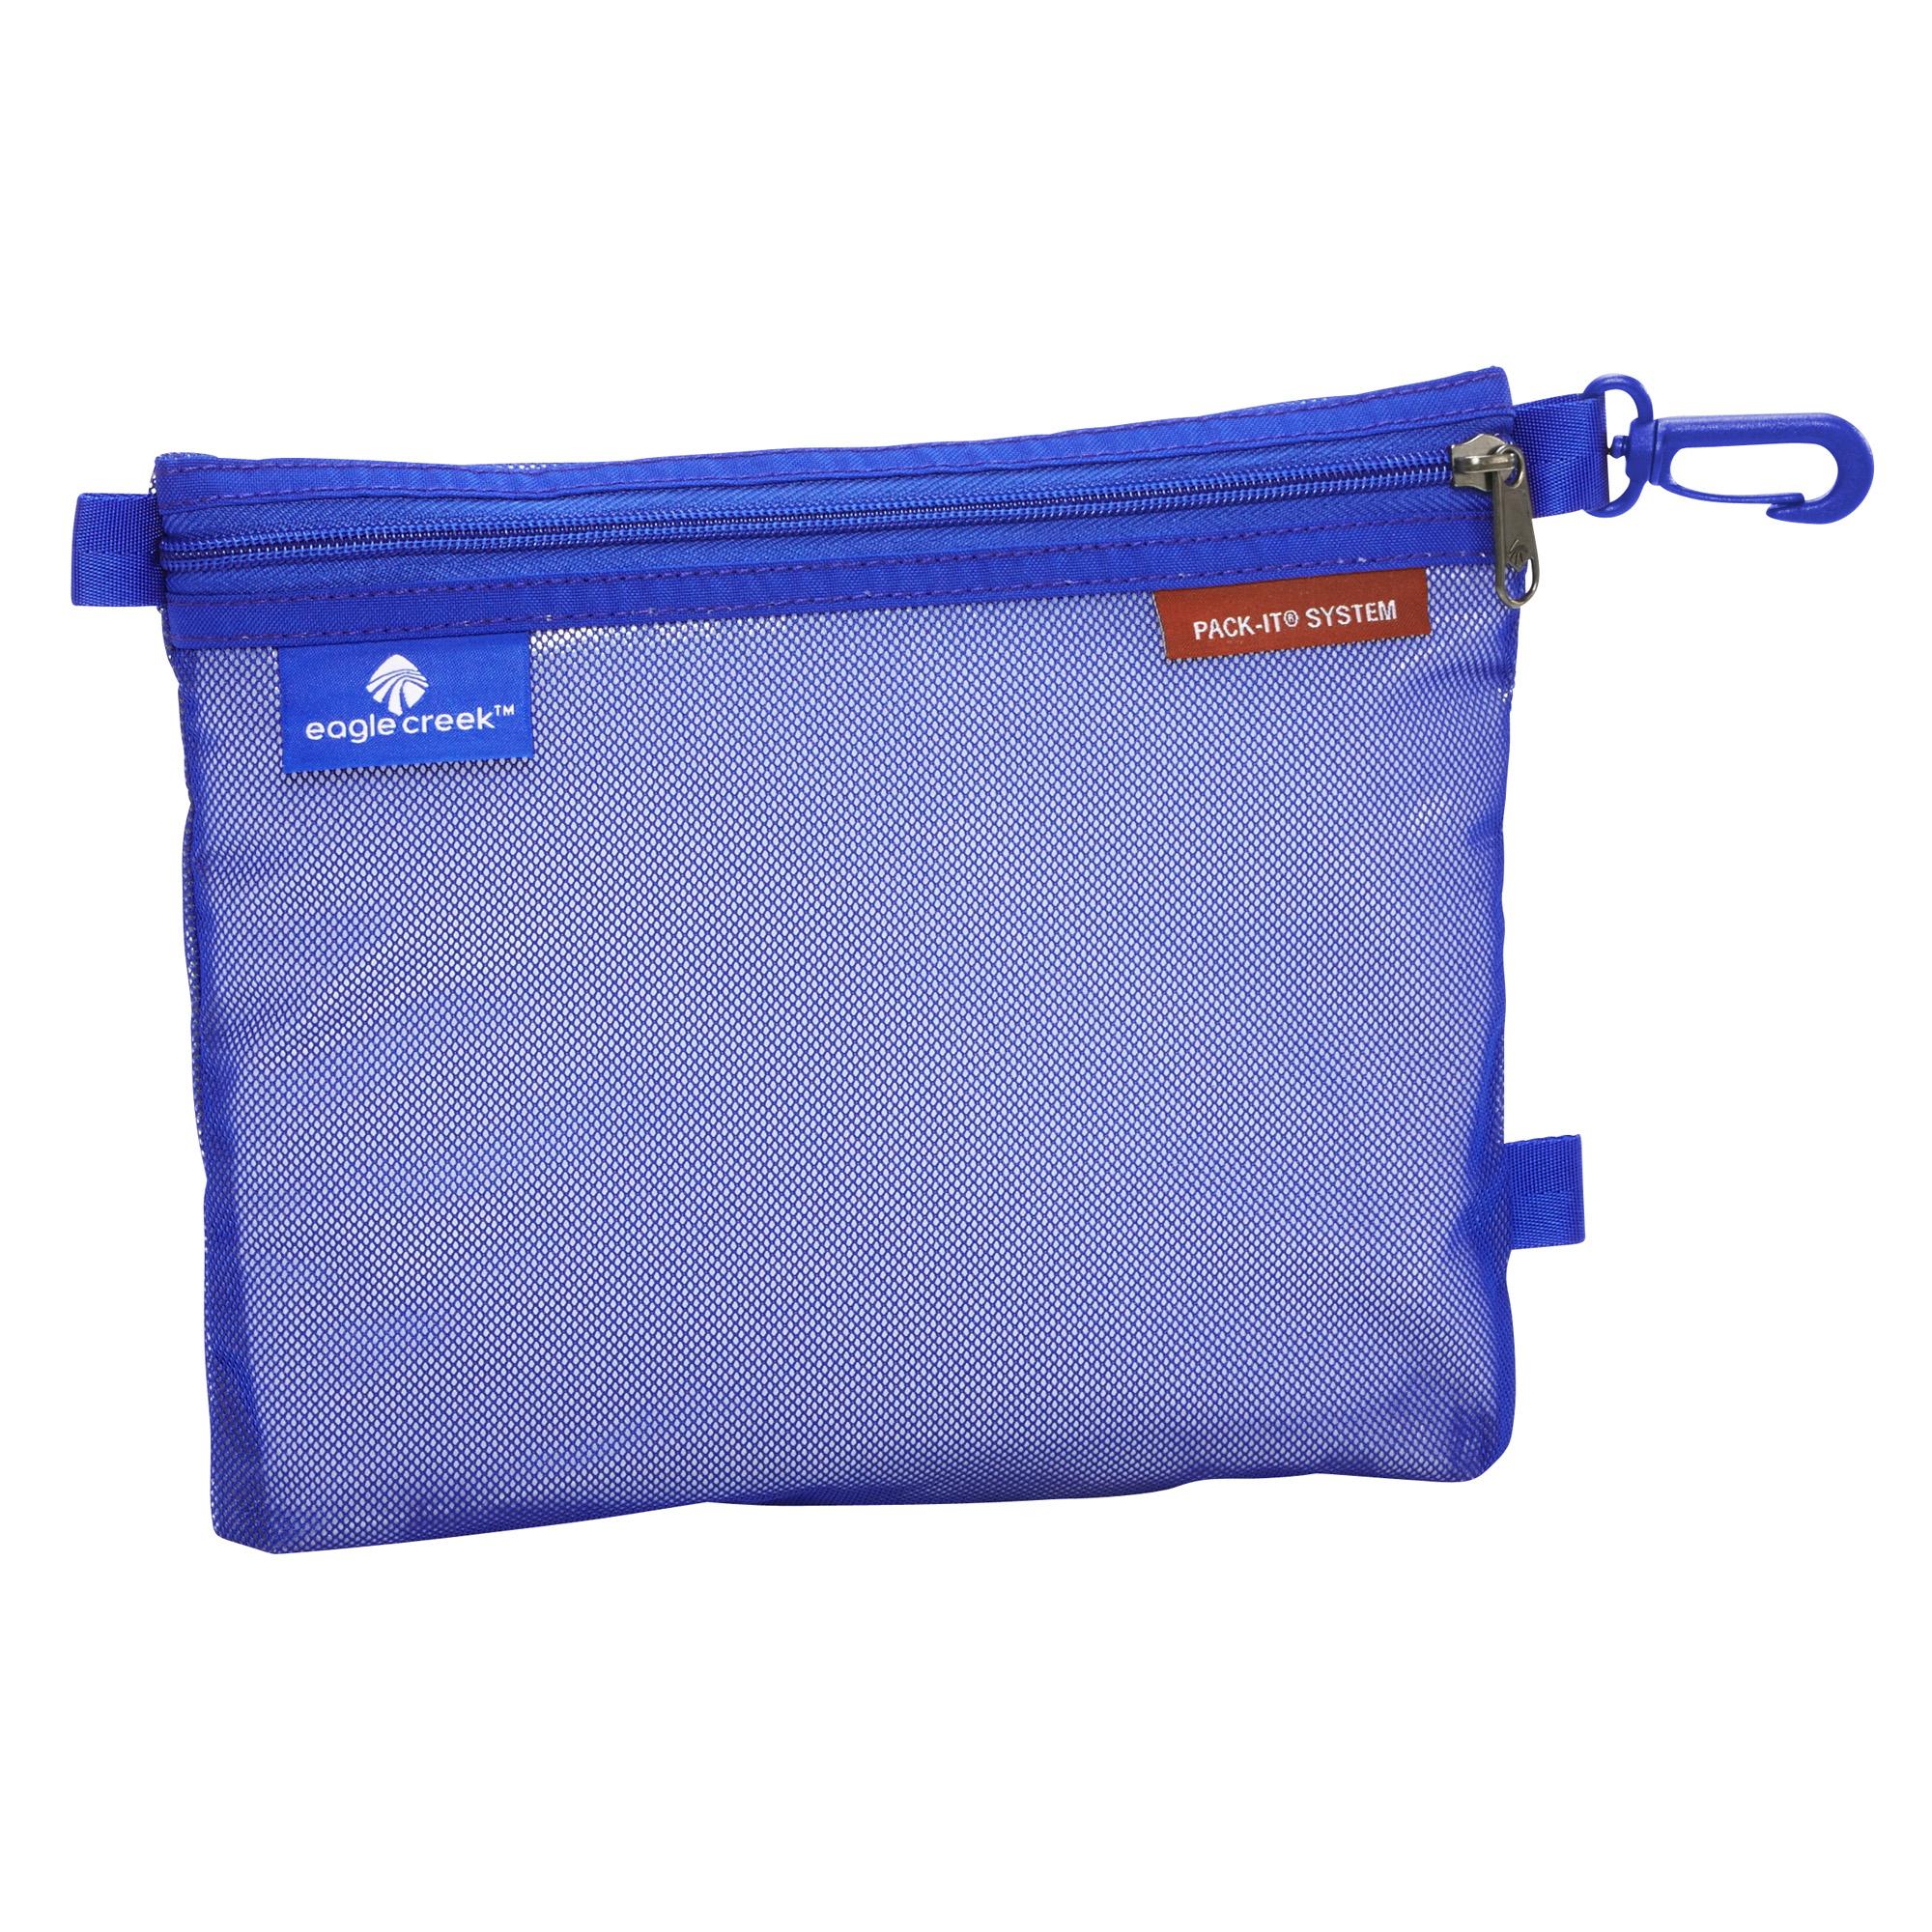 Pack-It Sac Medium - Blue Sea